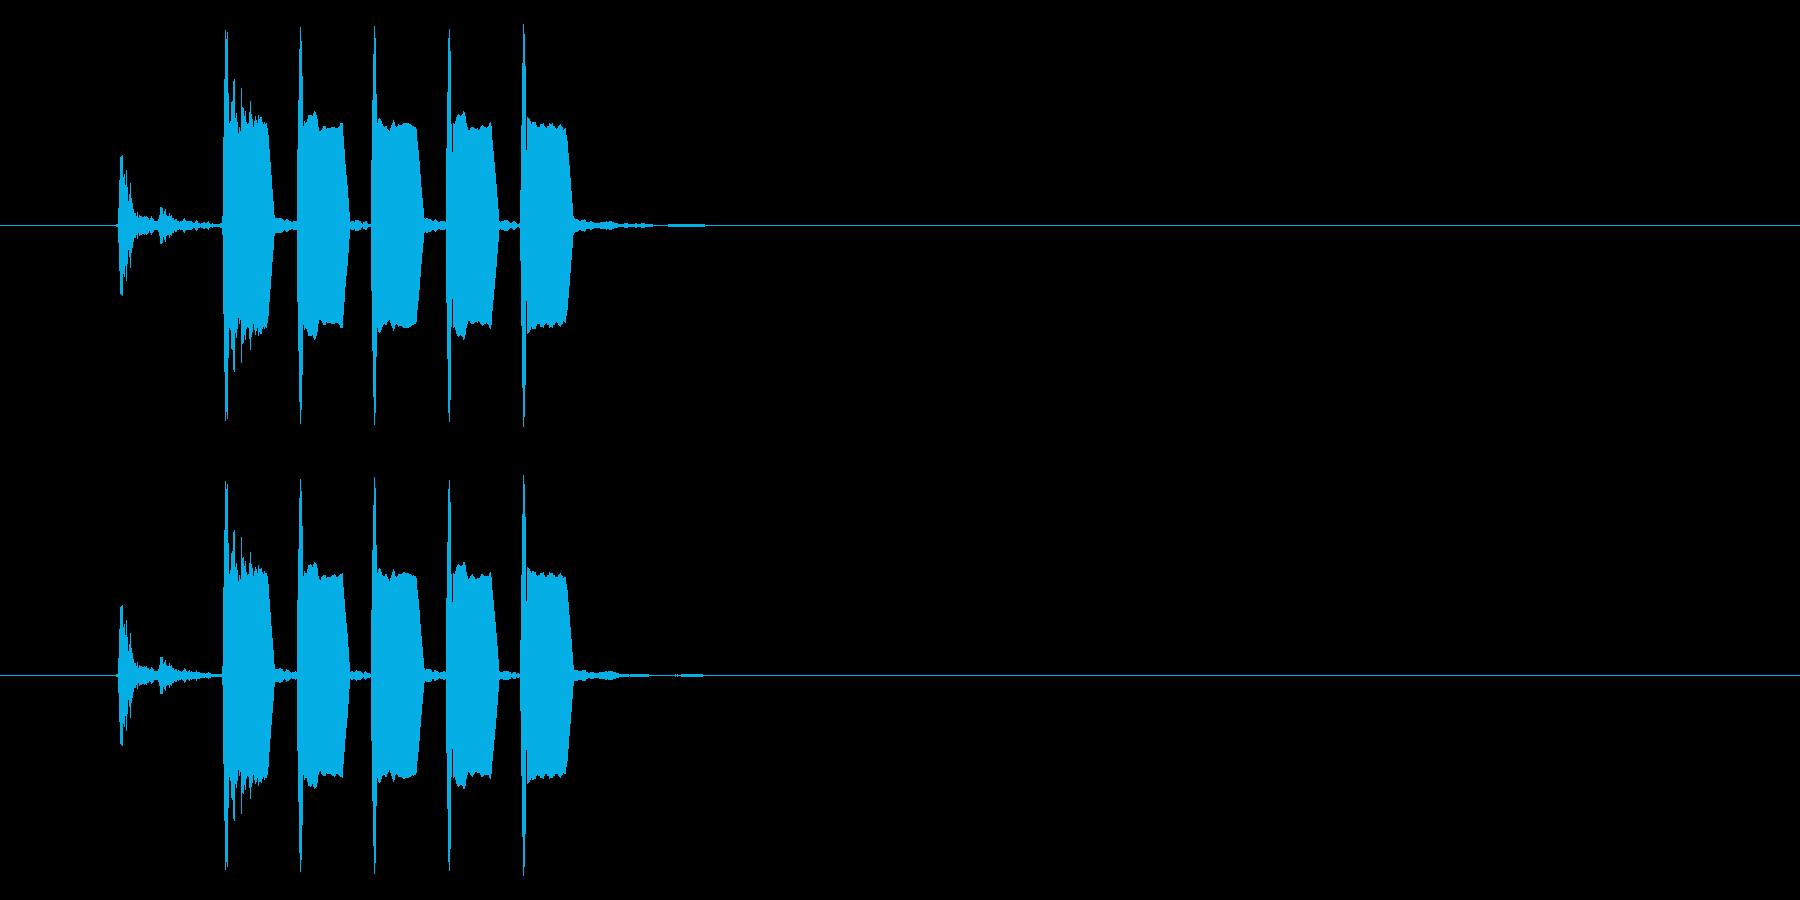 改札 ビープ音01-04(音色1)の再生済みの波形